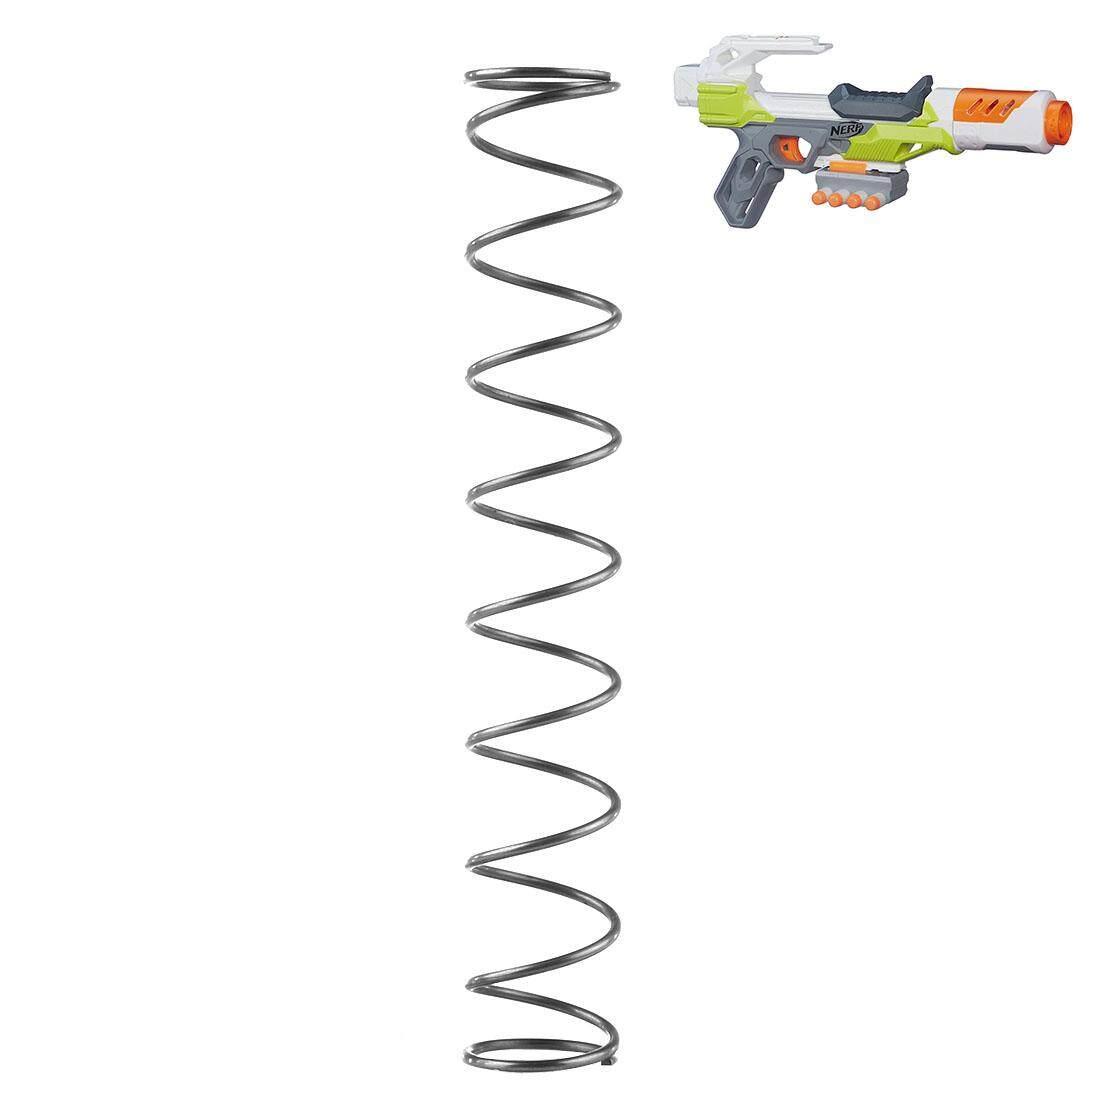 Hình ảnh 360WISH NFstrike Upgraded Spring for Converted Nerf Modulus IonFire Blaster Spring for NFstrike Flame Emitter - 7kg - intl